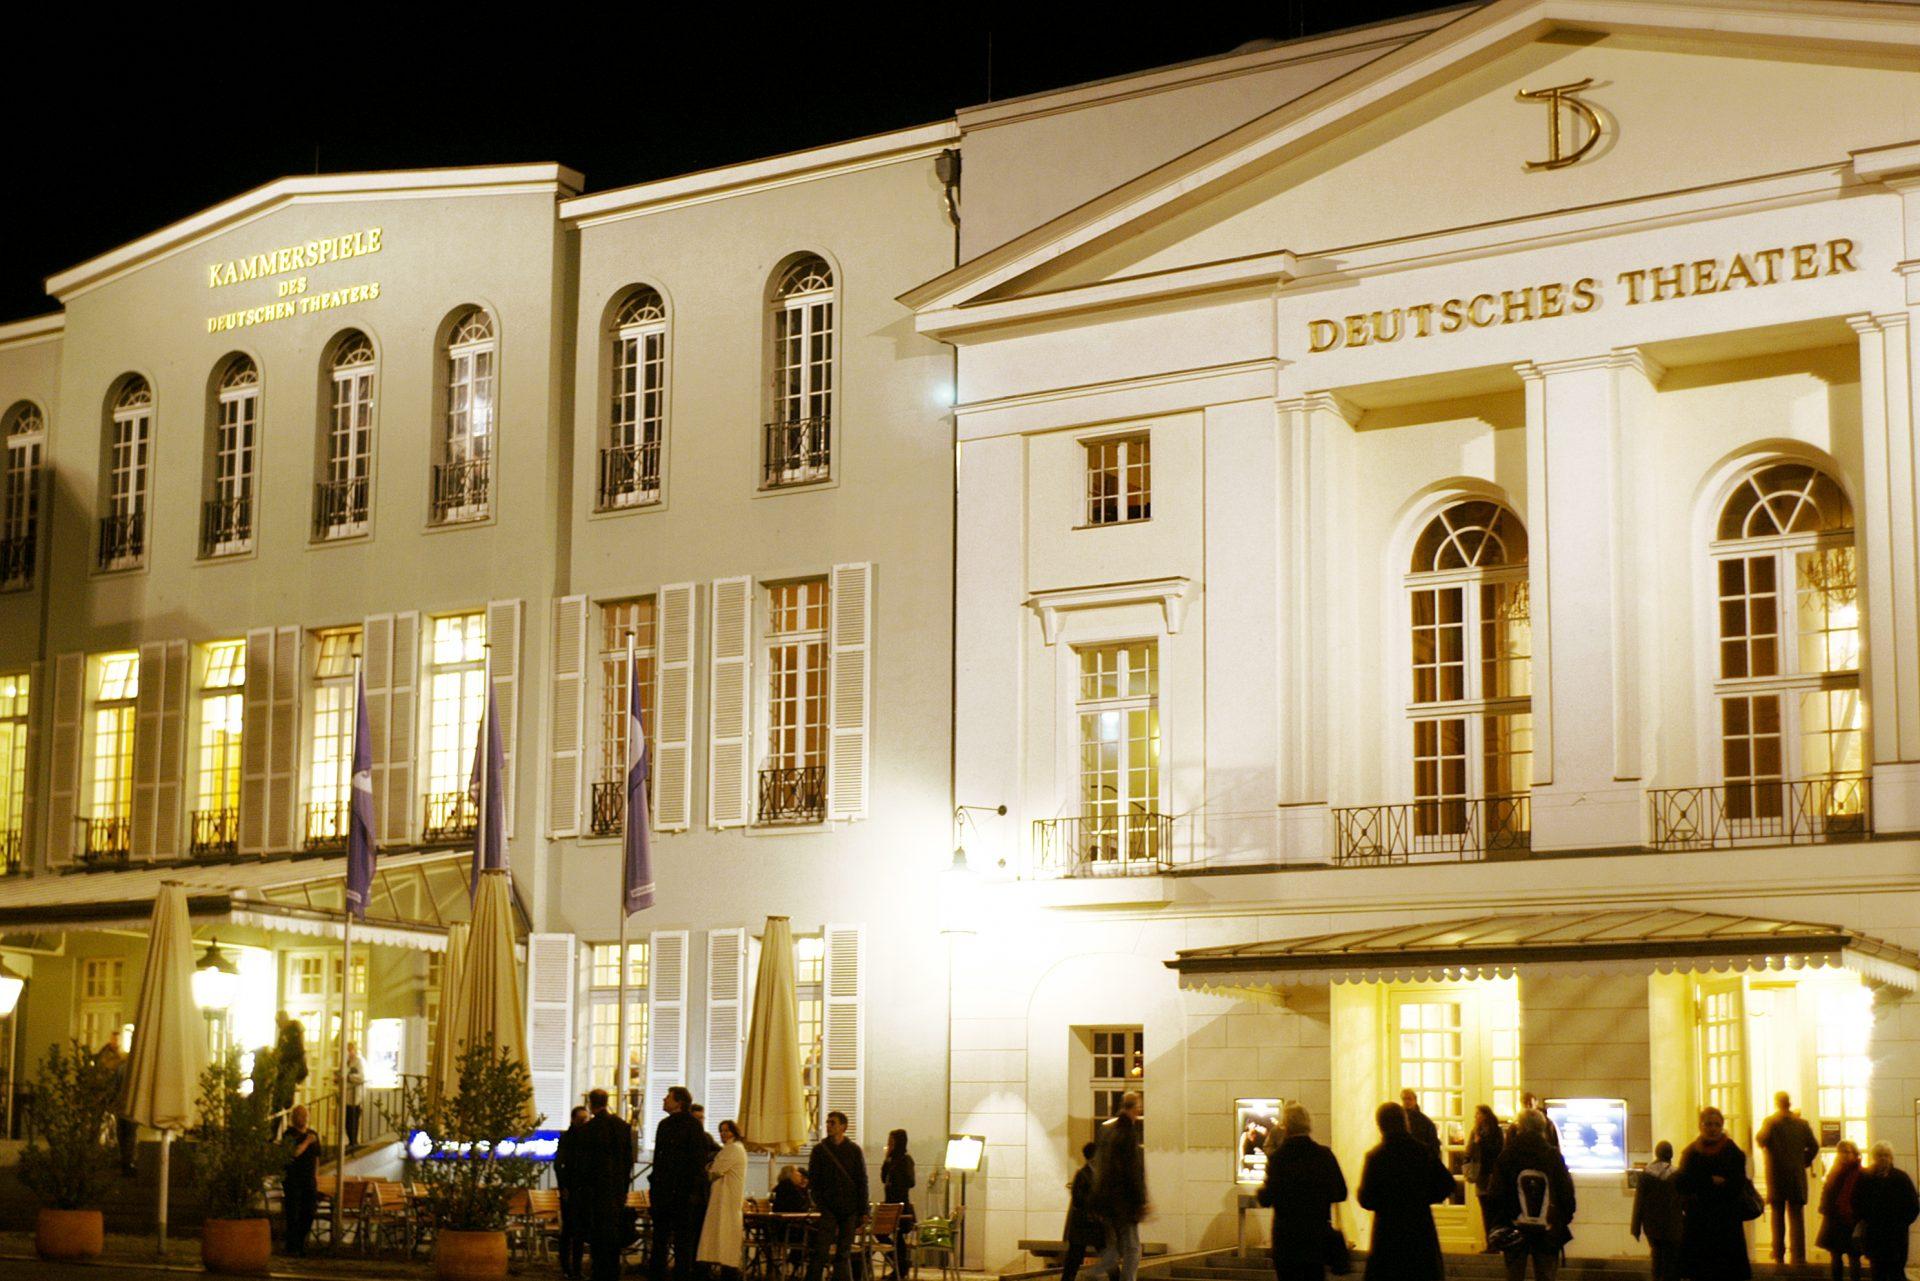 Deutsches Theater Und Kammerspiele City Map And Guide Berlin Potsdam